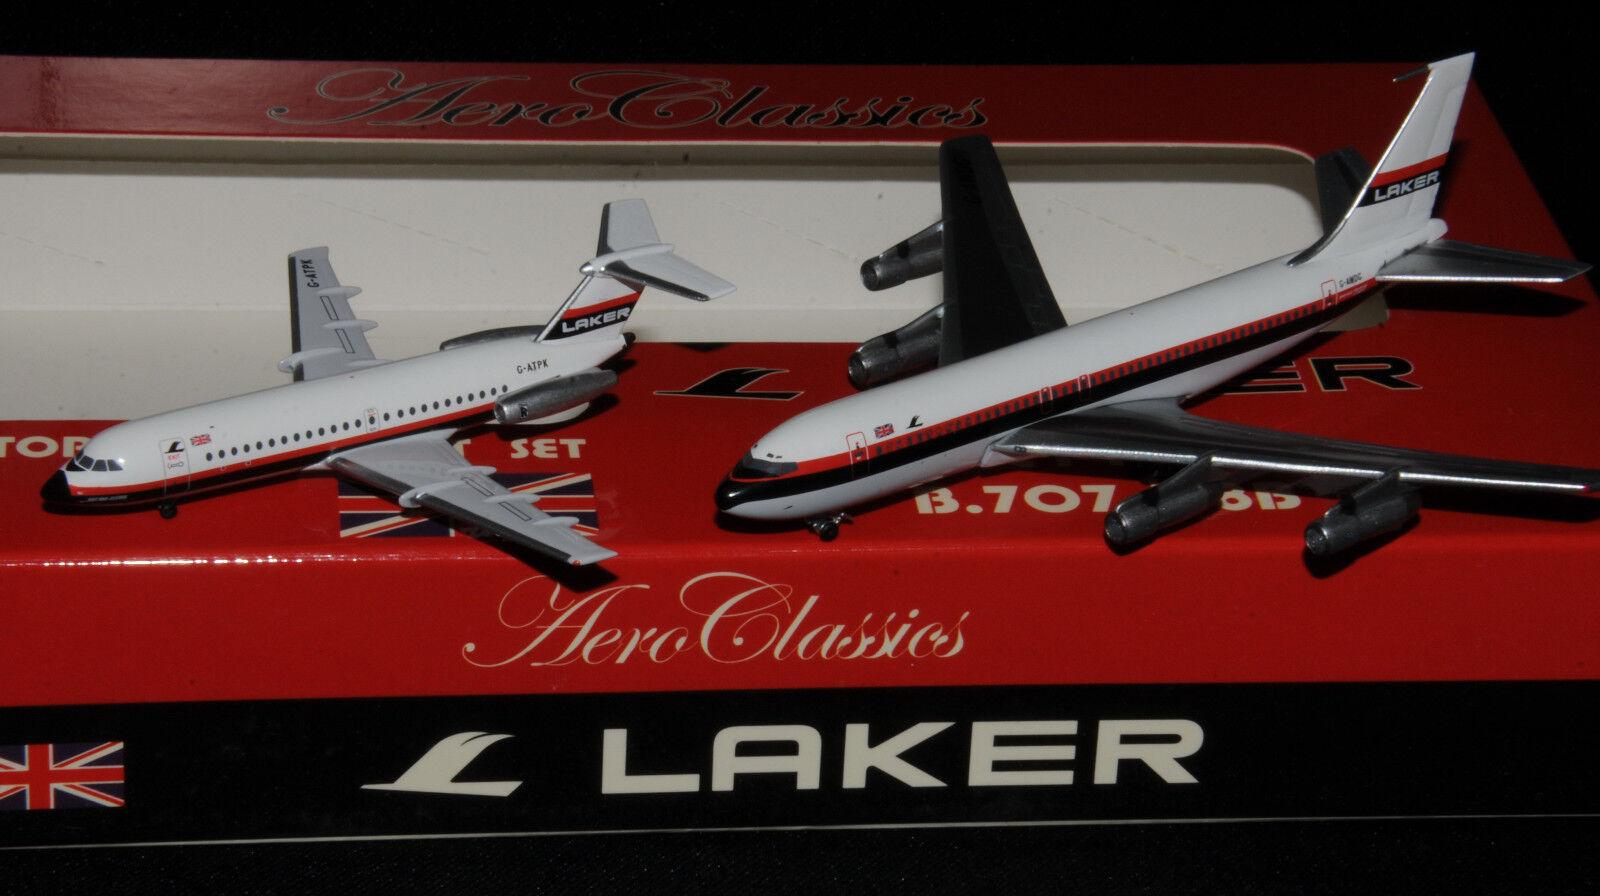 AeroClassics 1 400 Laker Airways b707-300 G-awdg & BAC 1-11 G-atpk